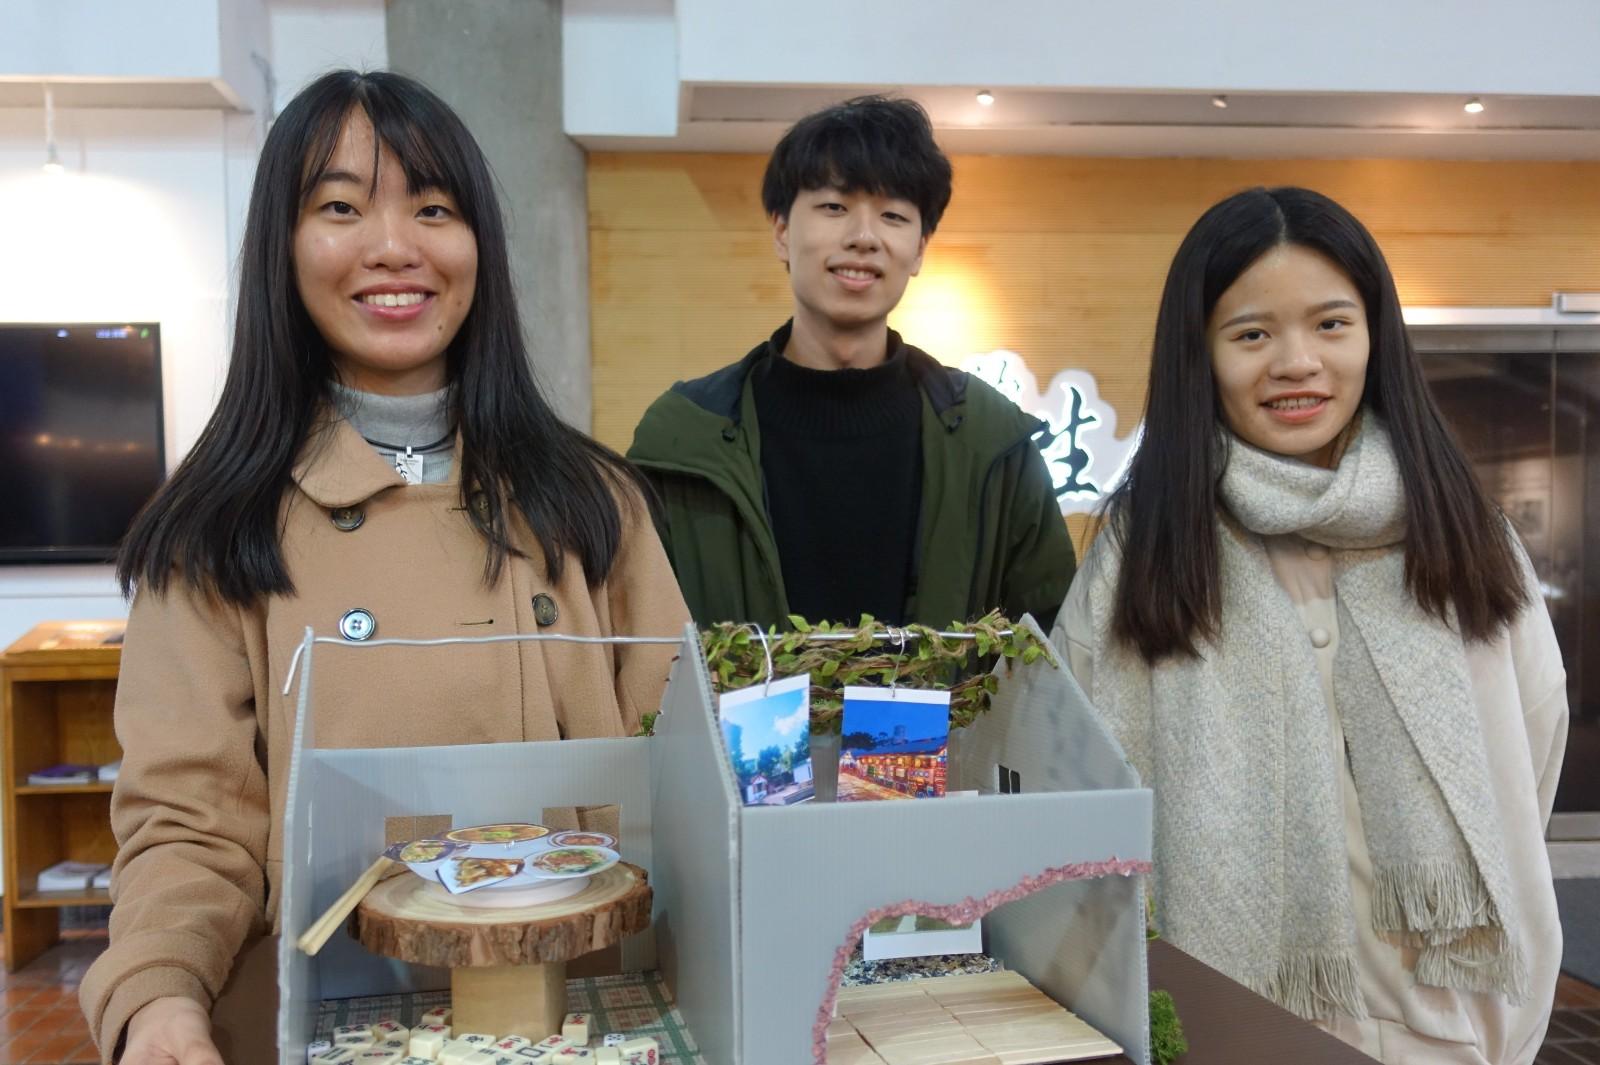 中原大學「桃園學」課程學生以大觀園的鳥居做為記憶載體,呈現眷村文化今昔對比。.jpg